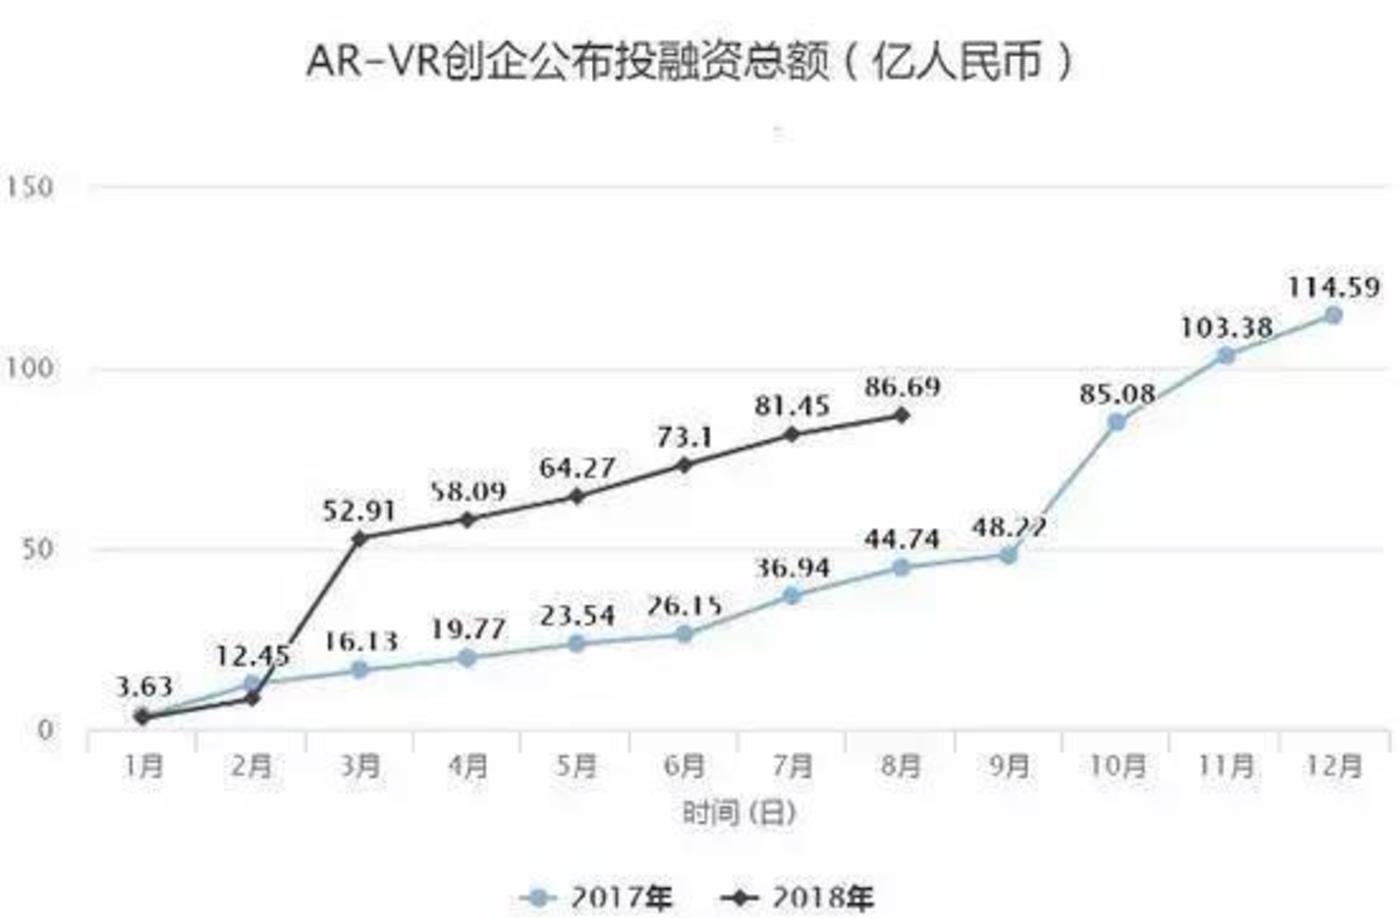 还没凉透的VR,在5G时代会迎来春天吗?